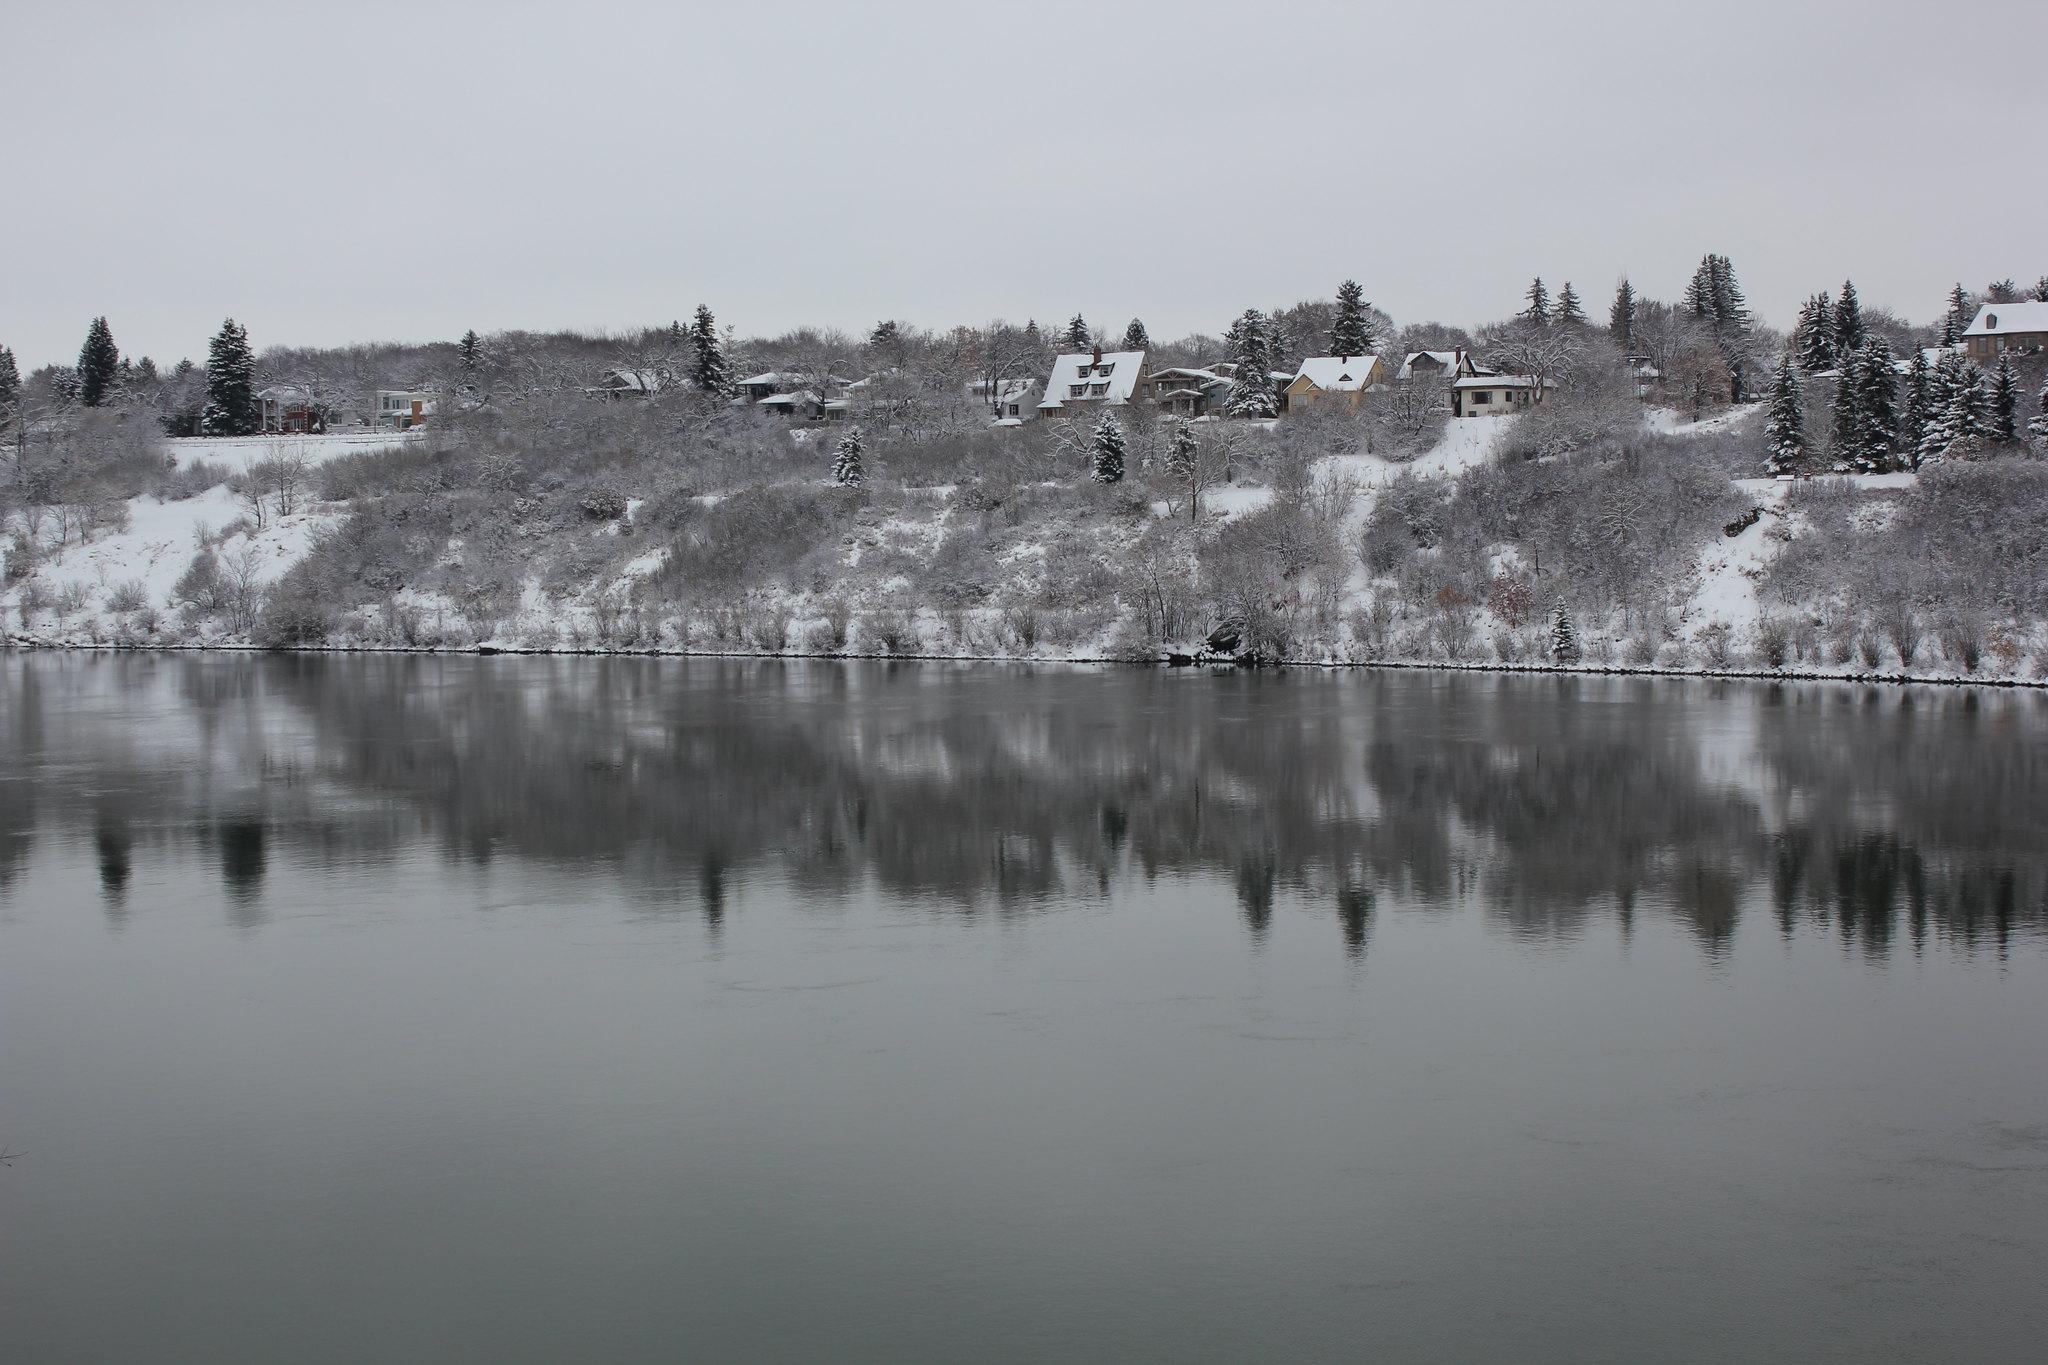 Winter in Saskatoon, 2018